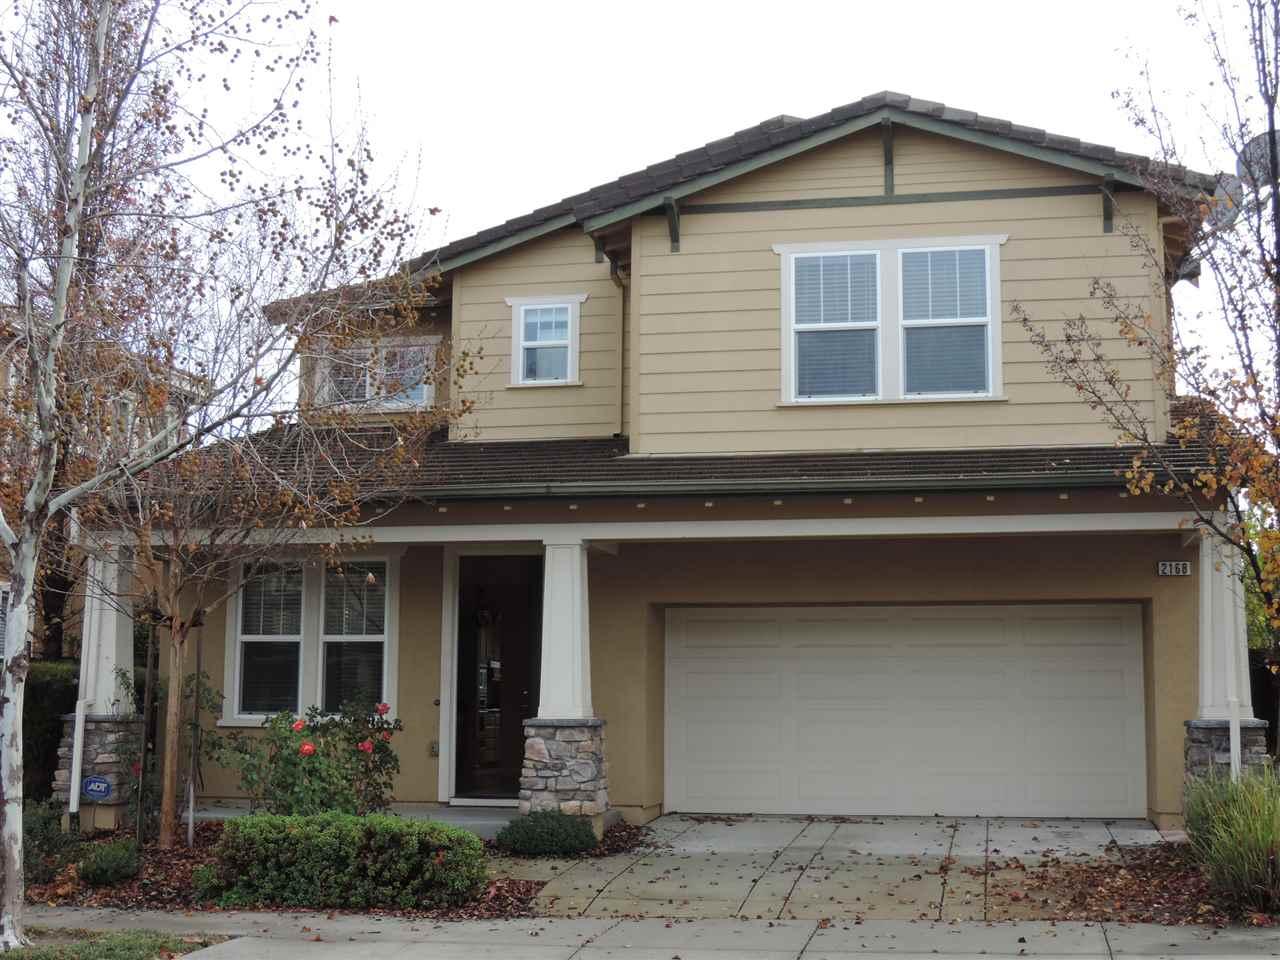 Maison unifamiliale pour l à louer à 2168 Arlington Way 2168 Arlington Way San Ramon, Californie 94582 États-Unis